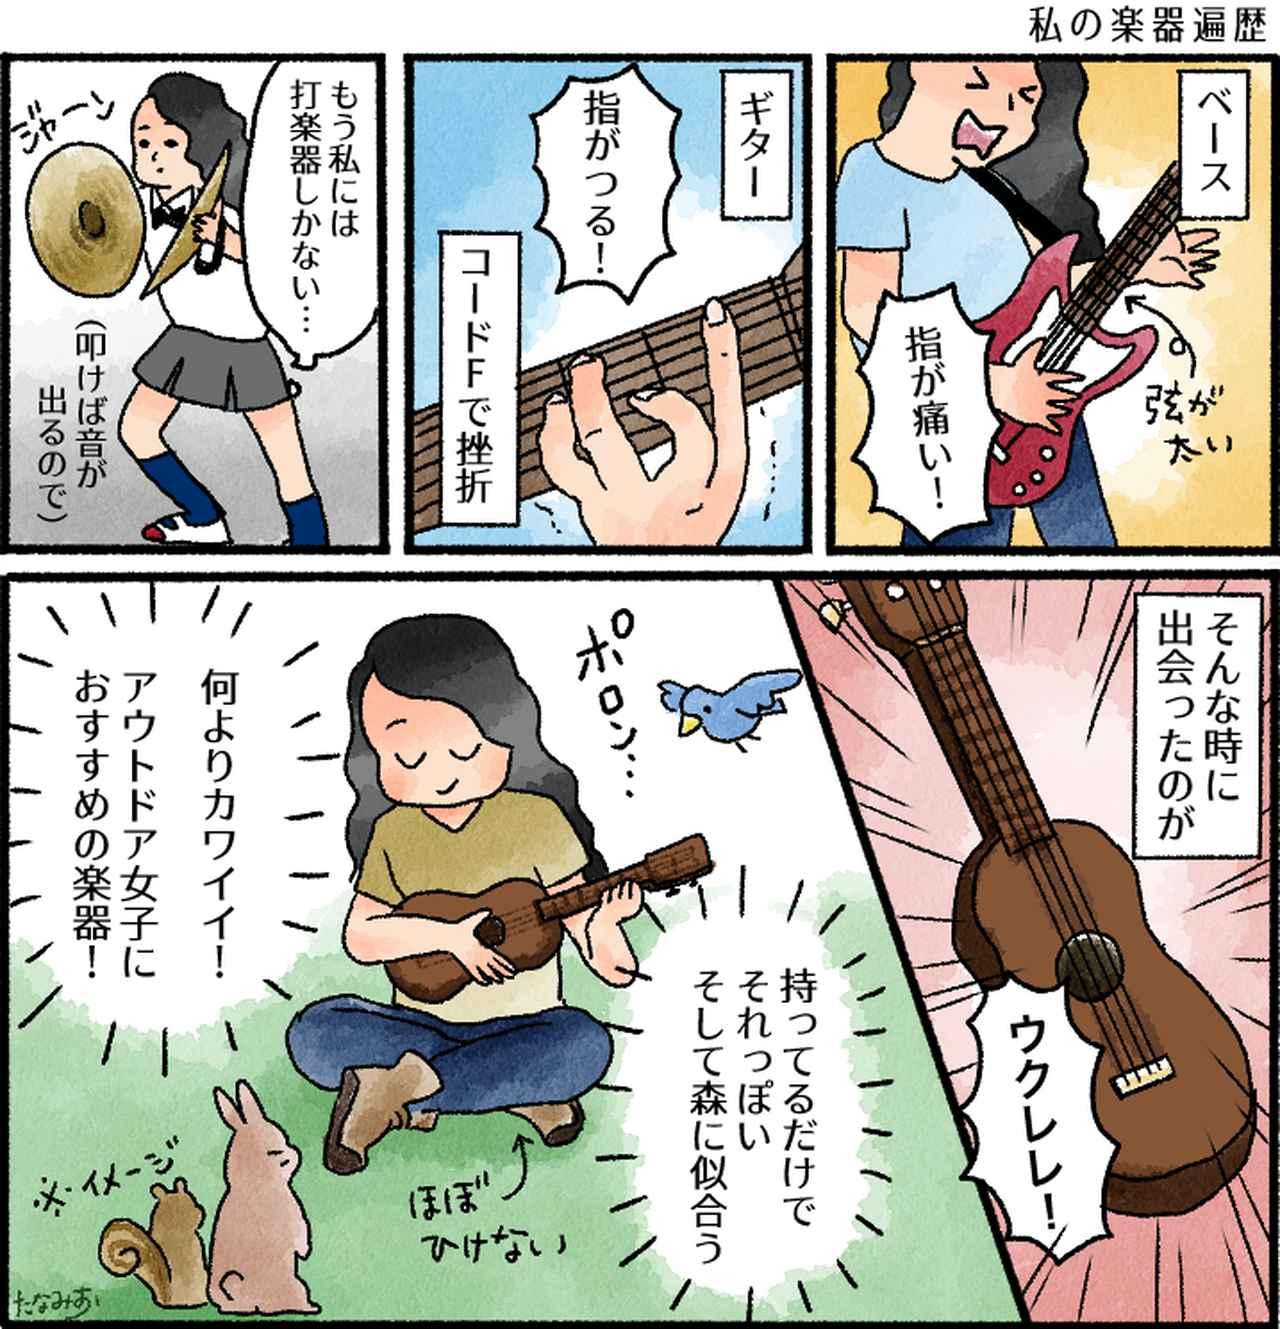 画像1: 【初心者にウクレレがおすすめな理由】安い・軽い・簡単の3拍子で楽器初心者にぴったり! おうち時間に練習して弾けるようになる